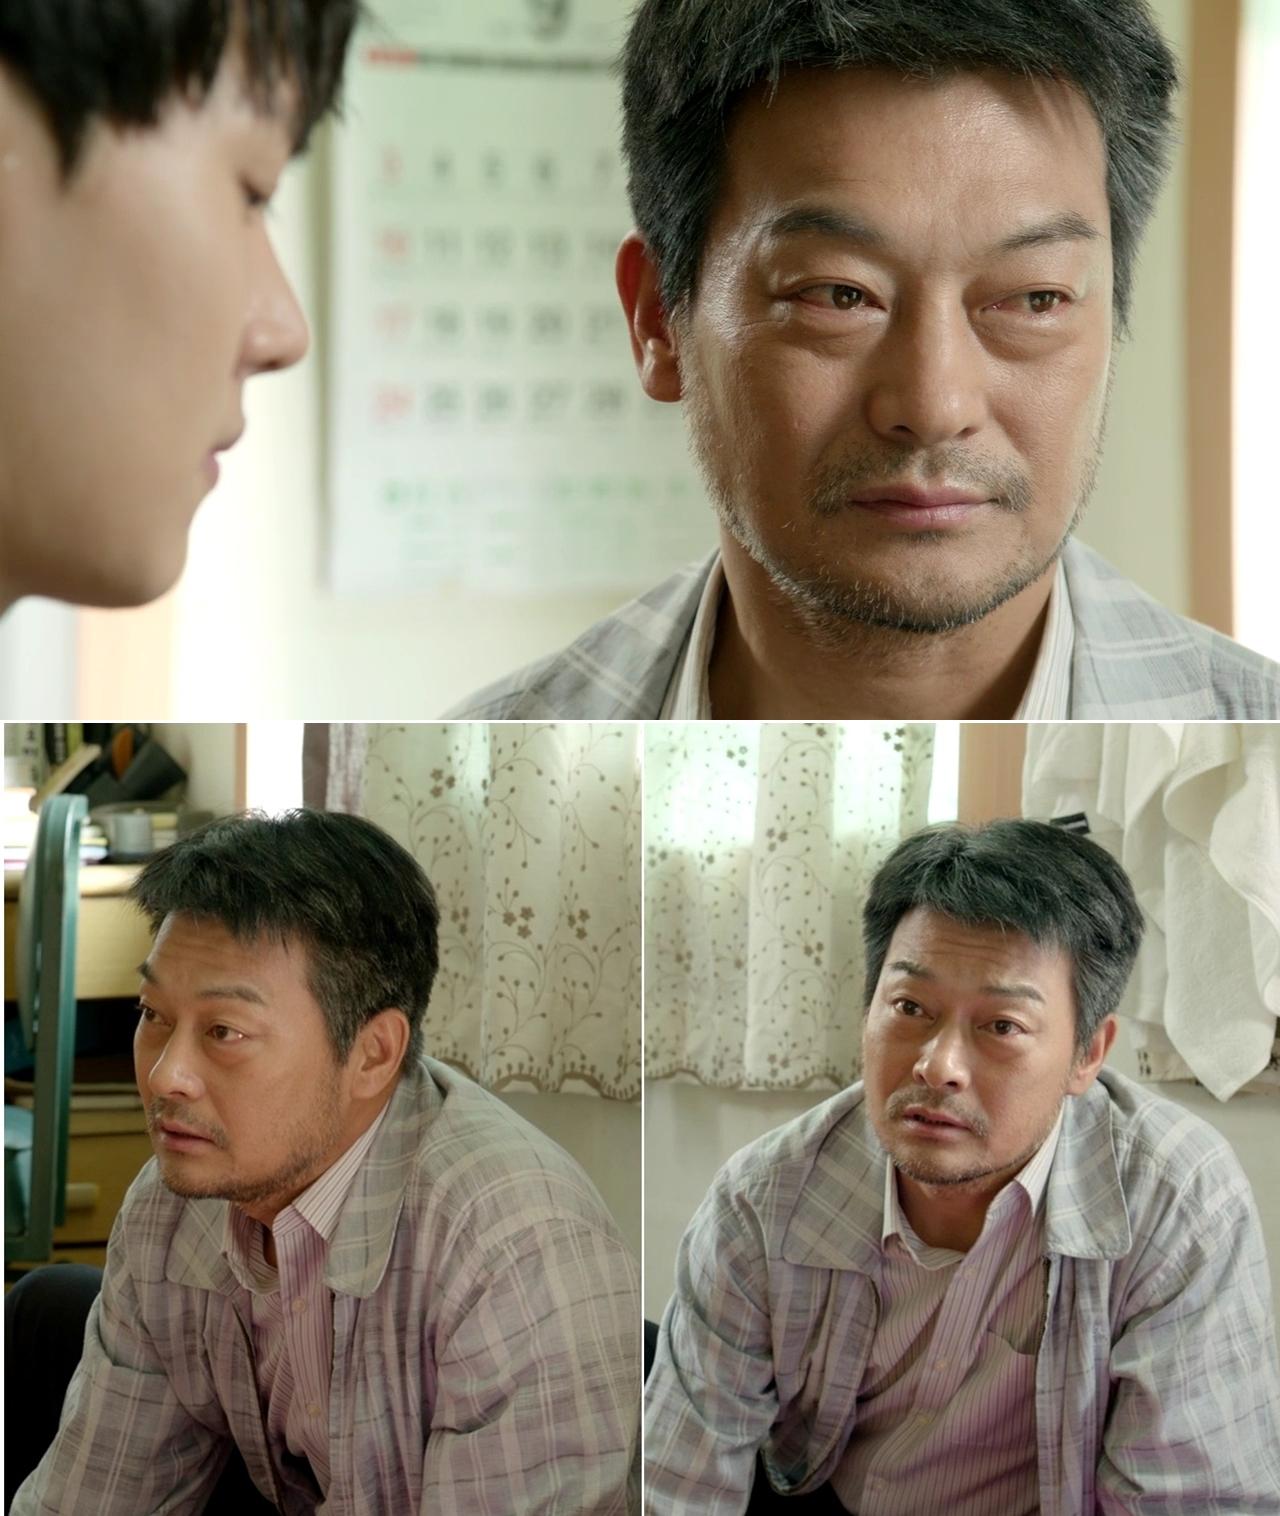 <병원선> 조성하, 하지원의 골칫거리 아버지로 특별출연 이미지-1